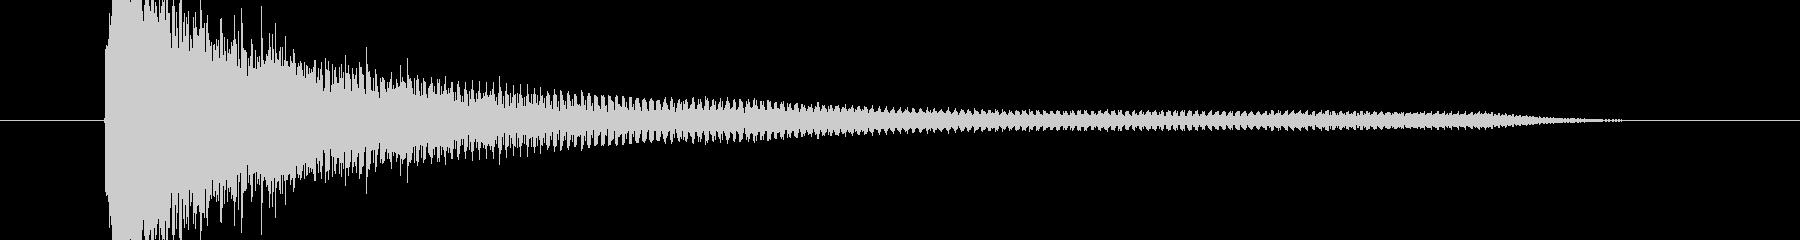 ビィィイーンの未再生の波形